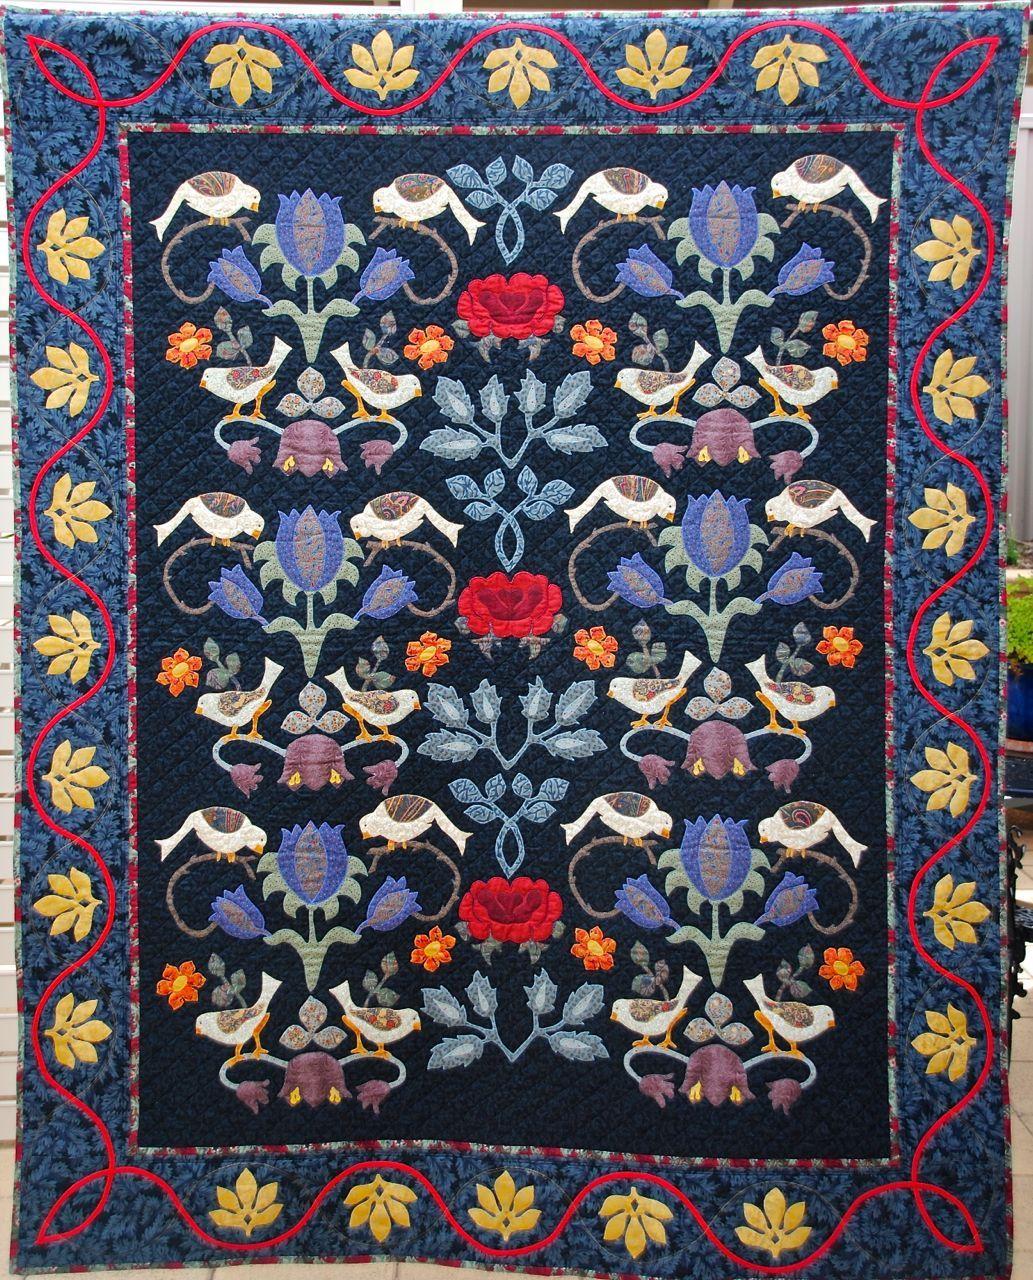 William Morris in Quilting: Quilt Gallery and Patterns   Quilt ... : william morris quilt patterns - Adamdwight.com